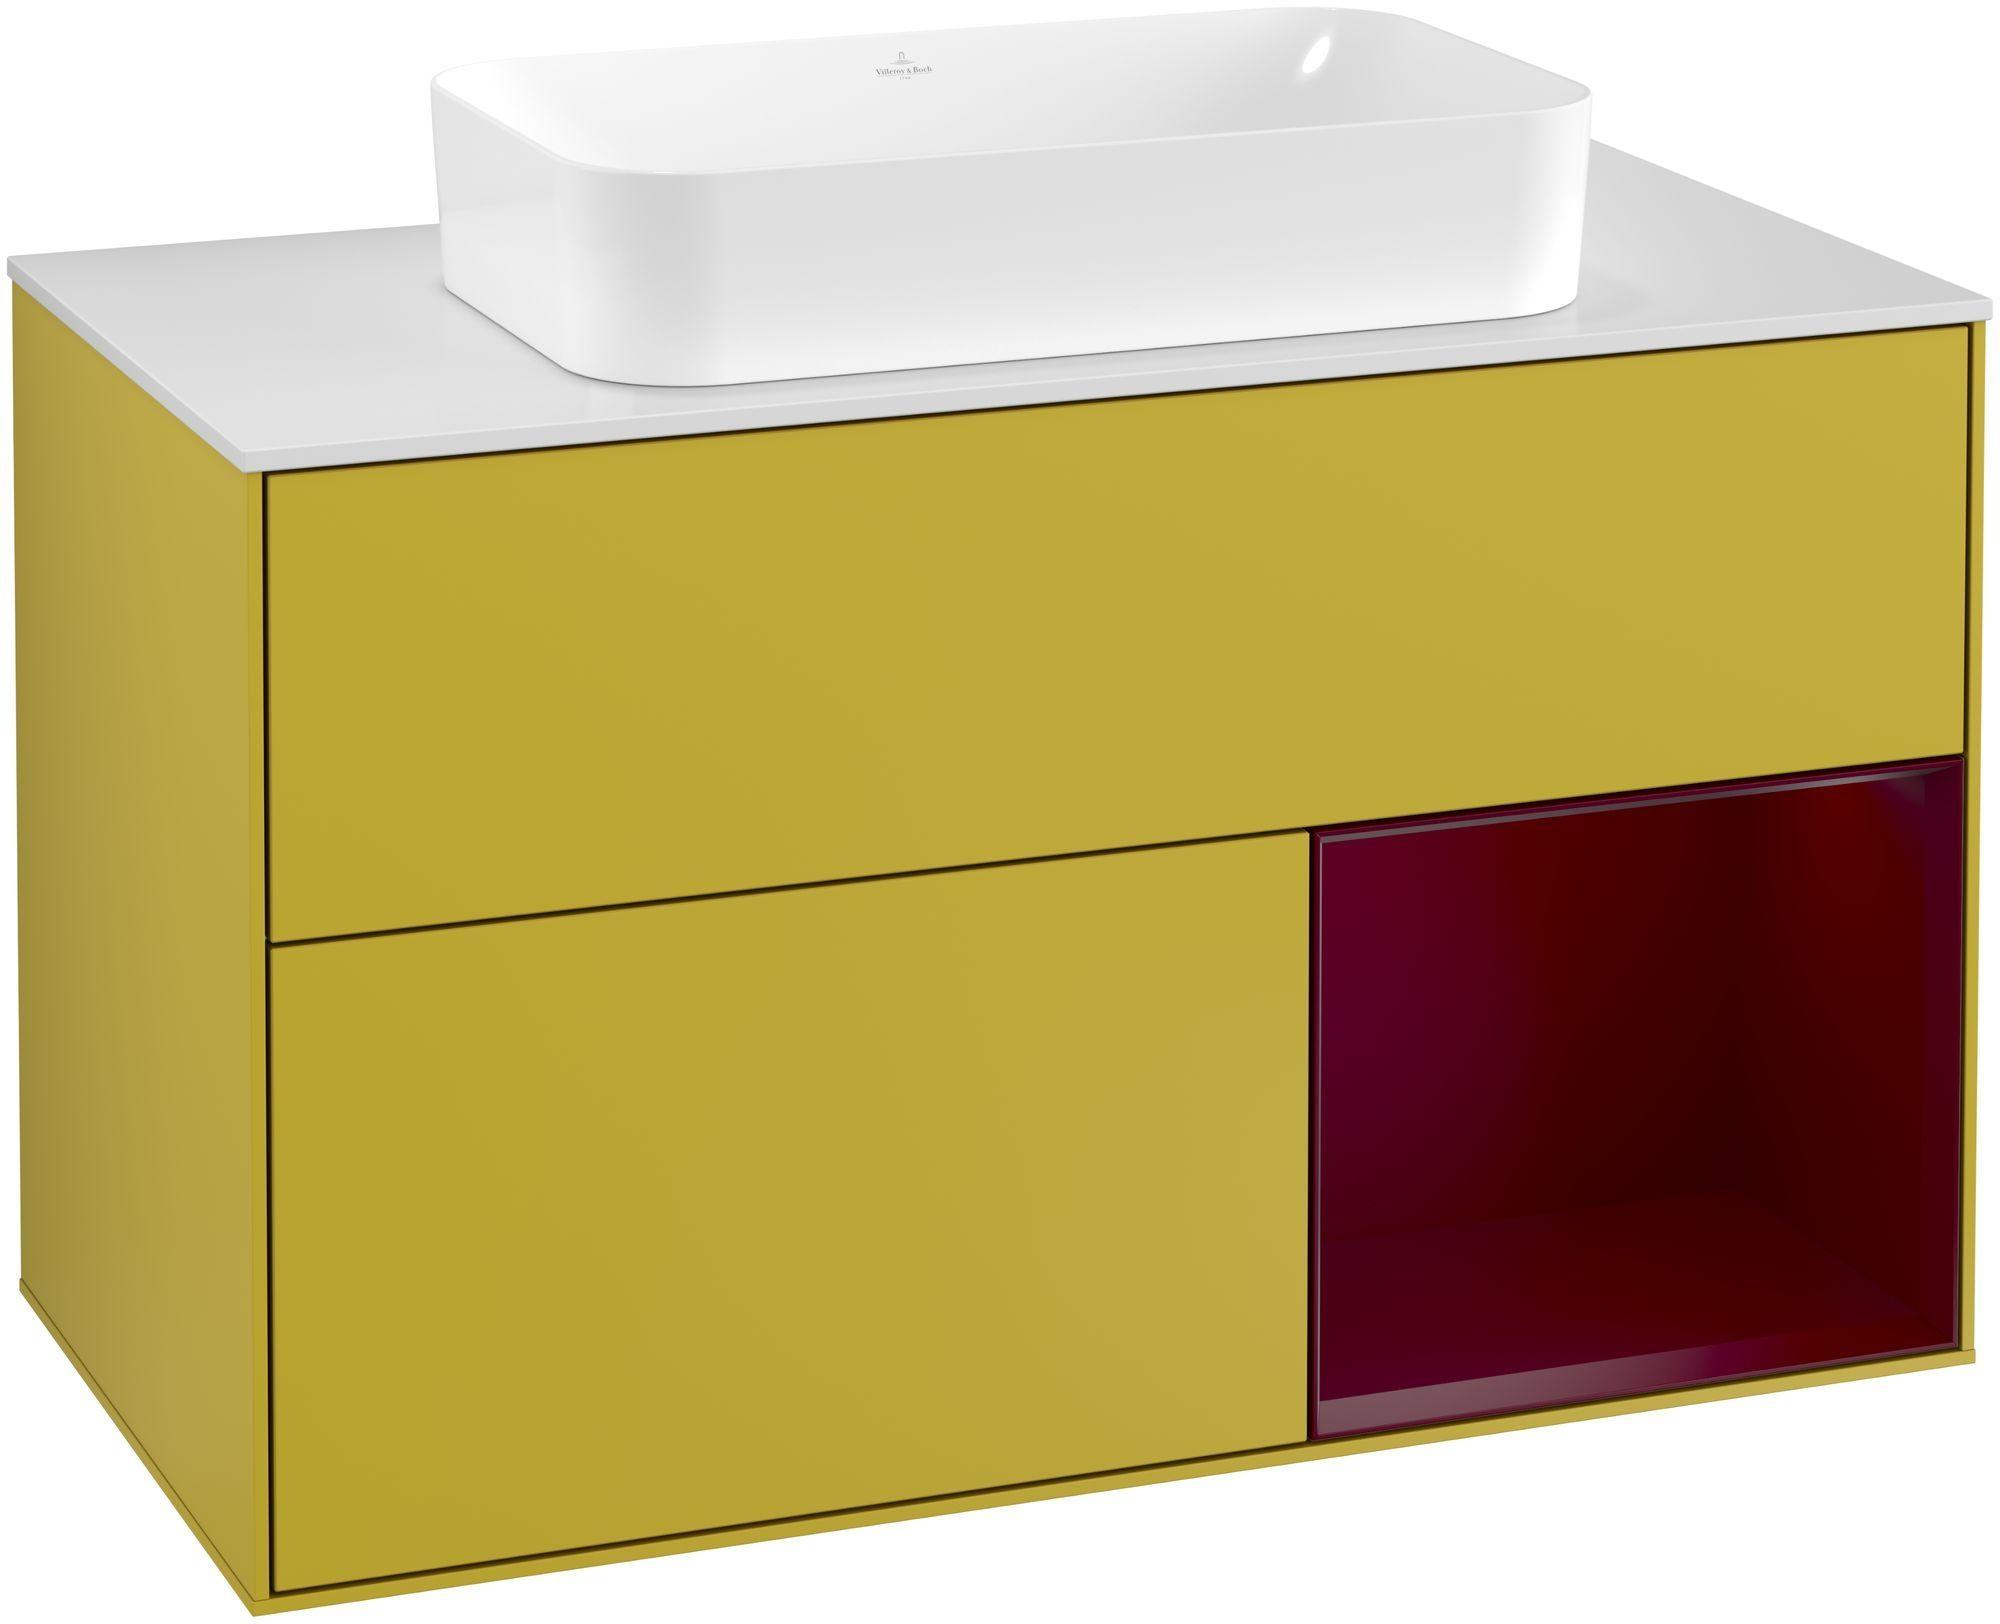 Villeroy & Boch Finion F25 Waschtischunterschrank mit Regalelement 2 Auszüge für WT mittig LED-Beleuchtung B:100xH:60,3xT:50,1cm Front, Korpus: Sun, Regal: Peony, Glasplatte: White Matt F251HBHE